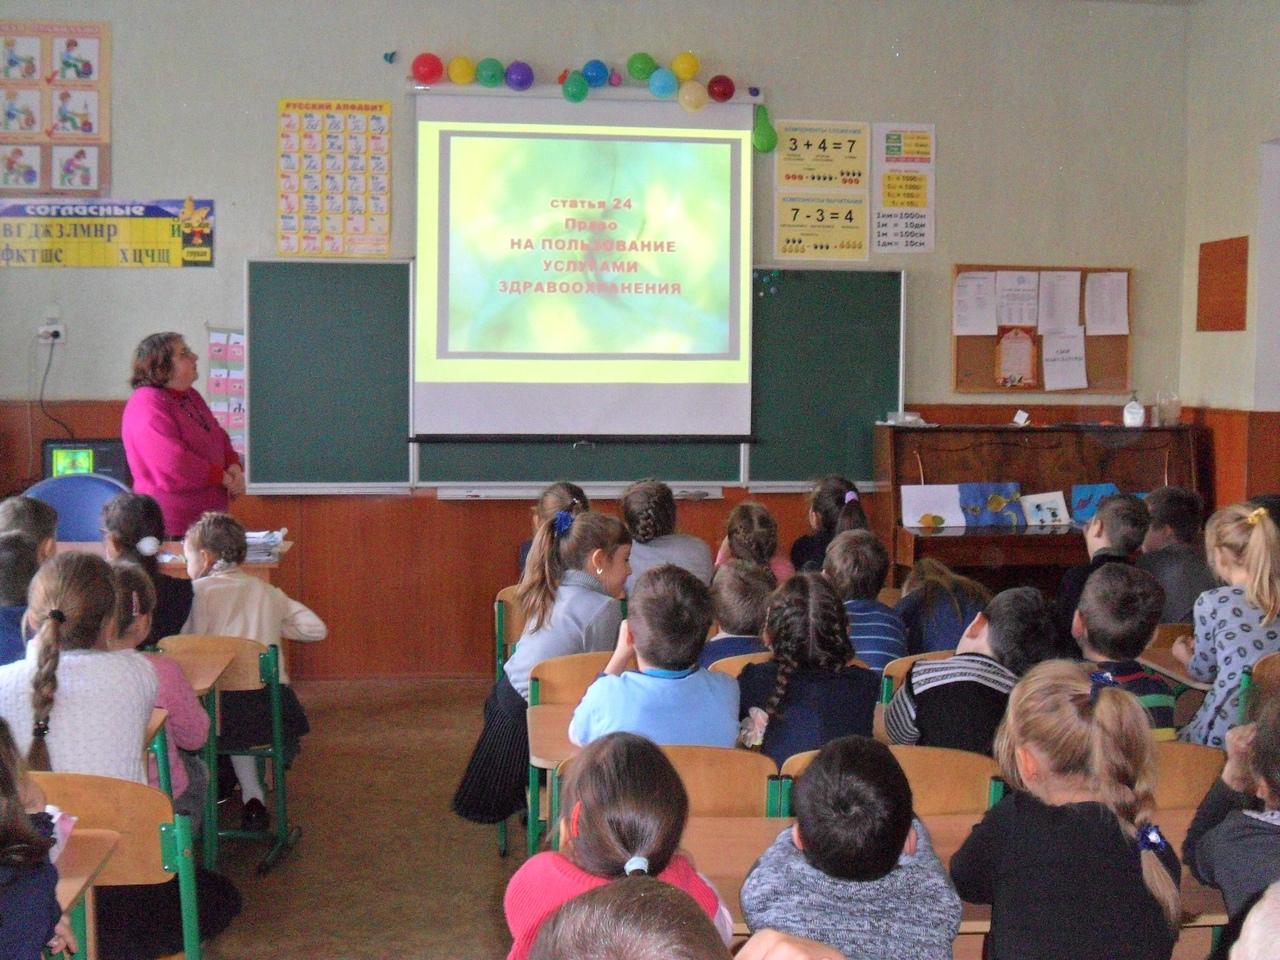 права детей, Донецкая республиканская библиотека для детей, отдел искусств, день прав детей